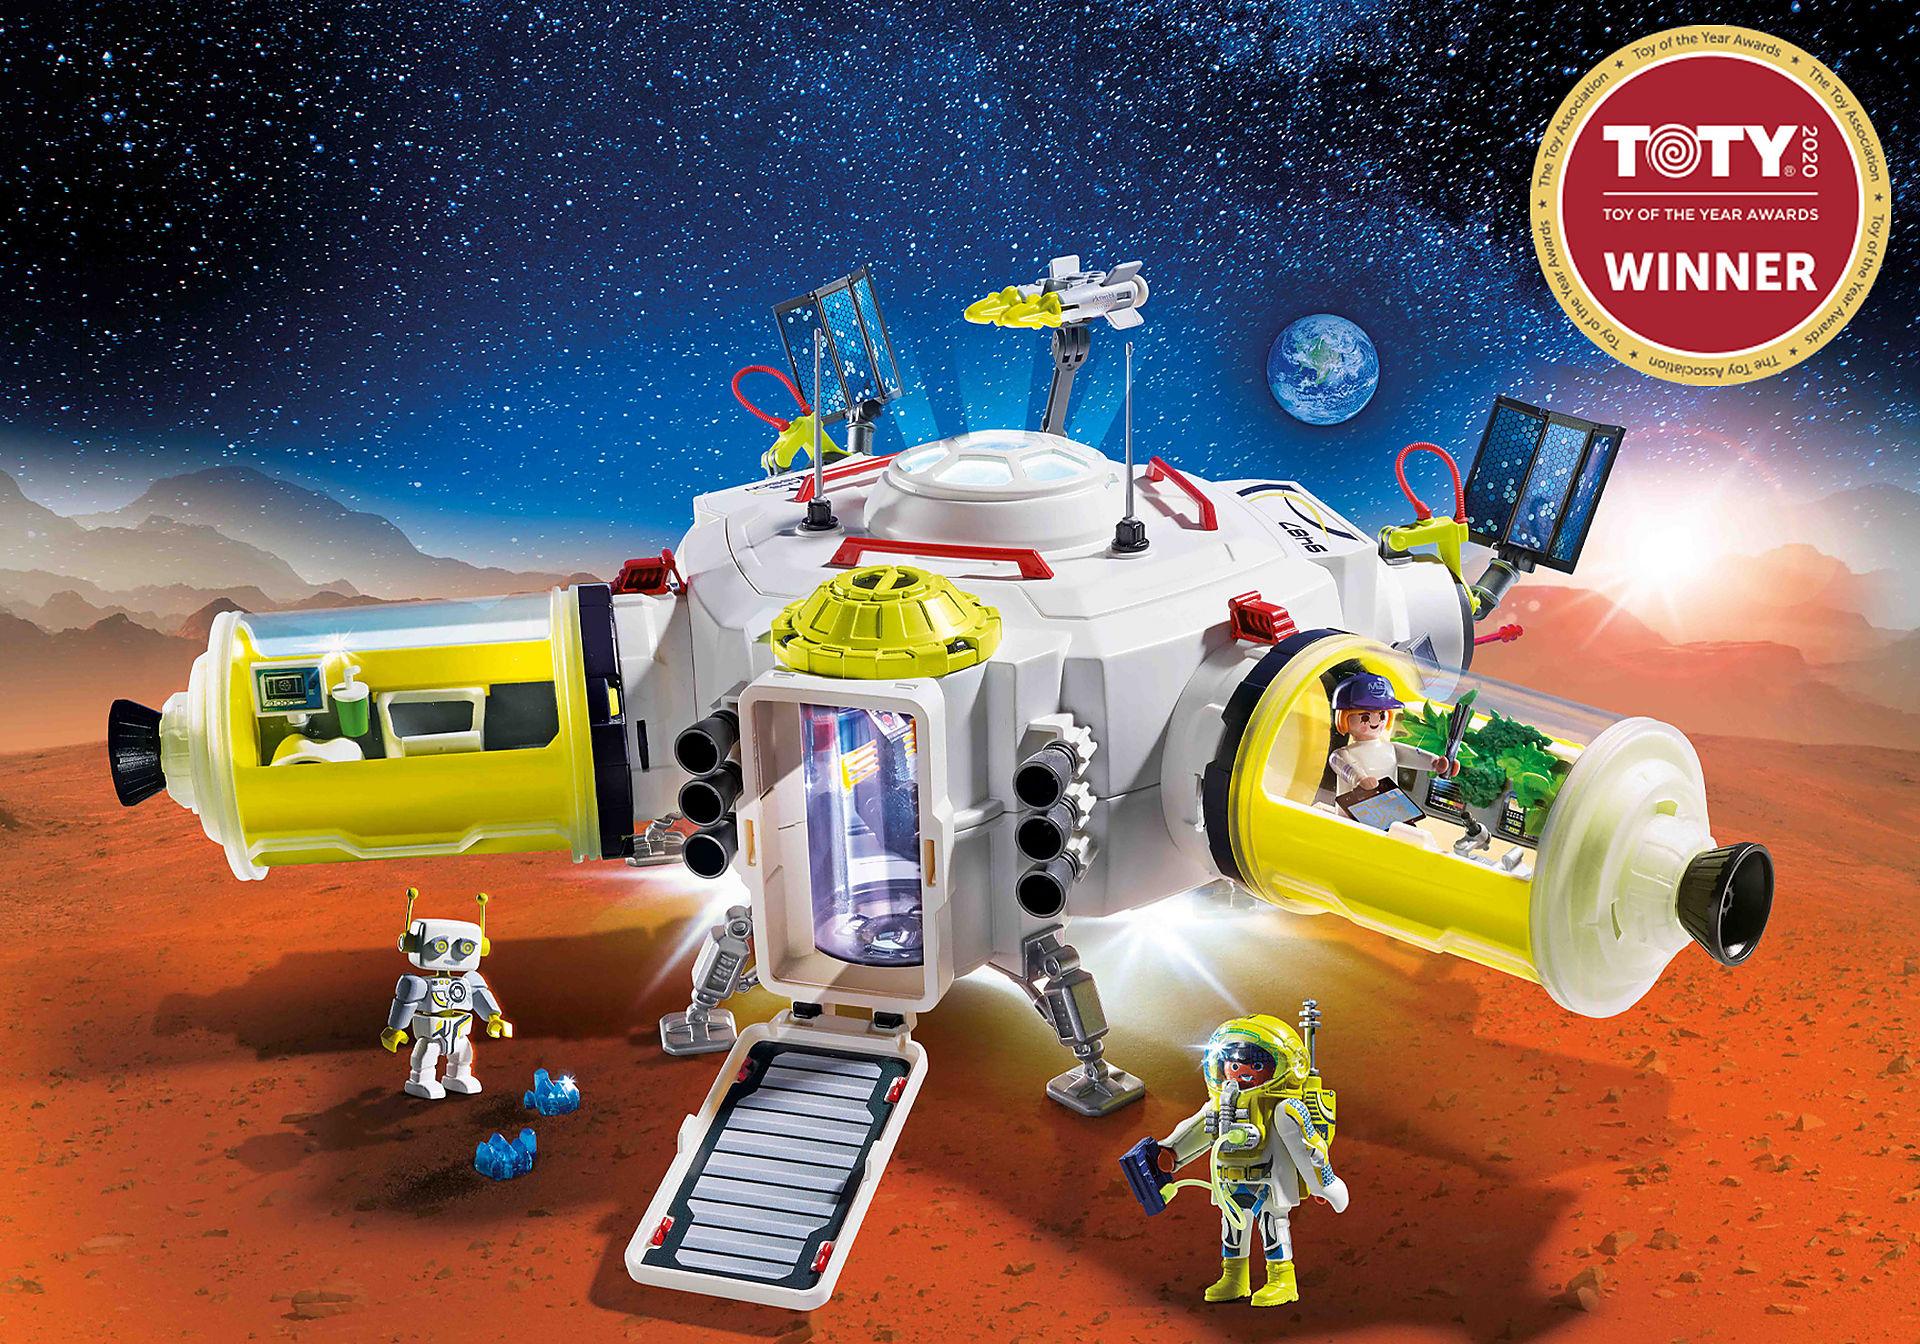 9487 Διαστημικός Σταθμός στον Άρη zoom image1